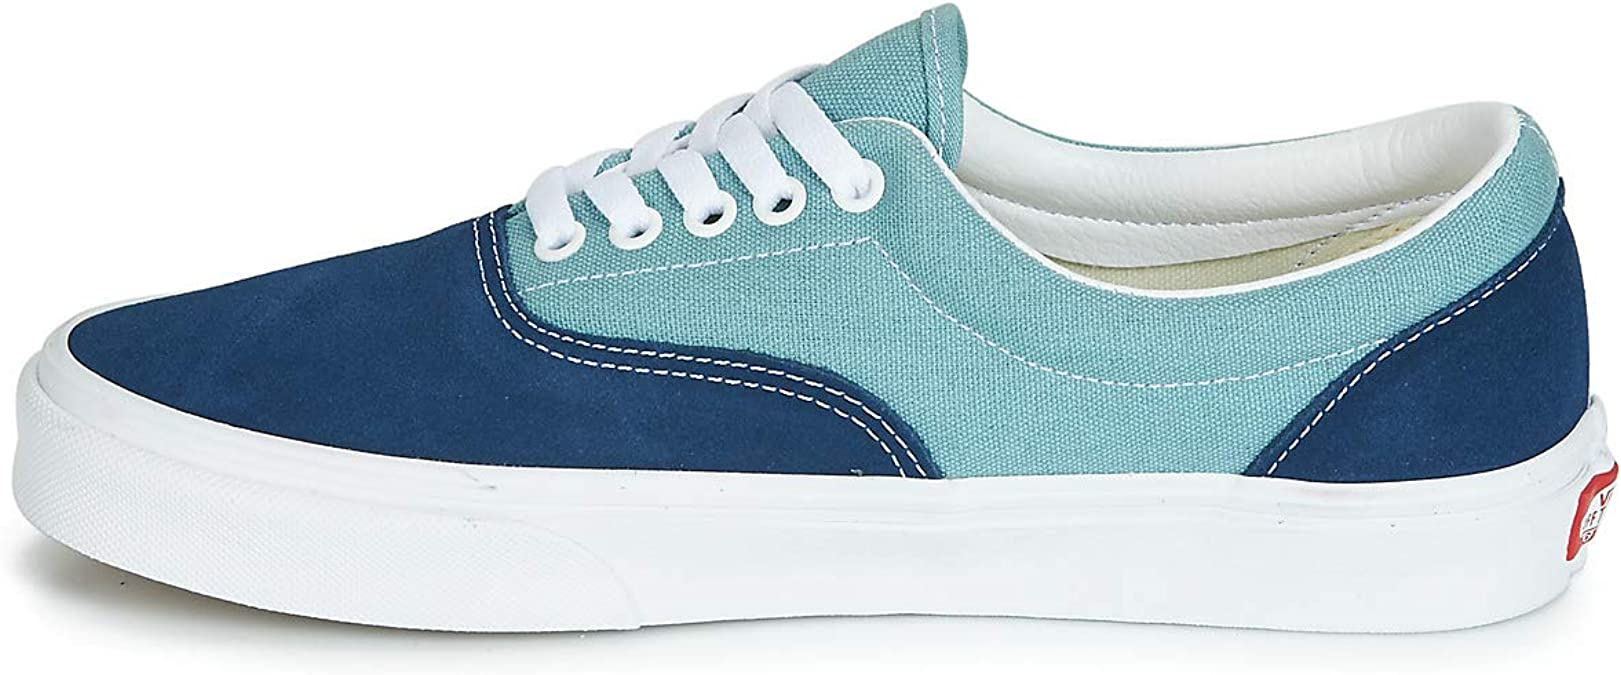 Vans Herren Sneaker vn0a4bv4vy11 blau 804123: